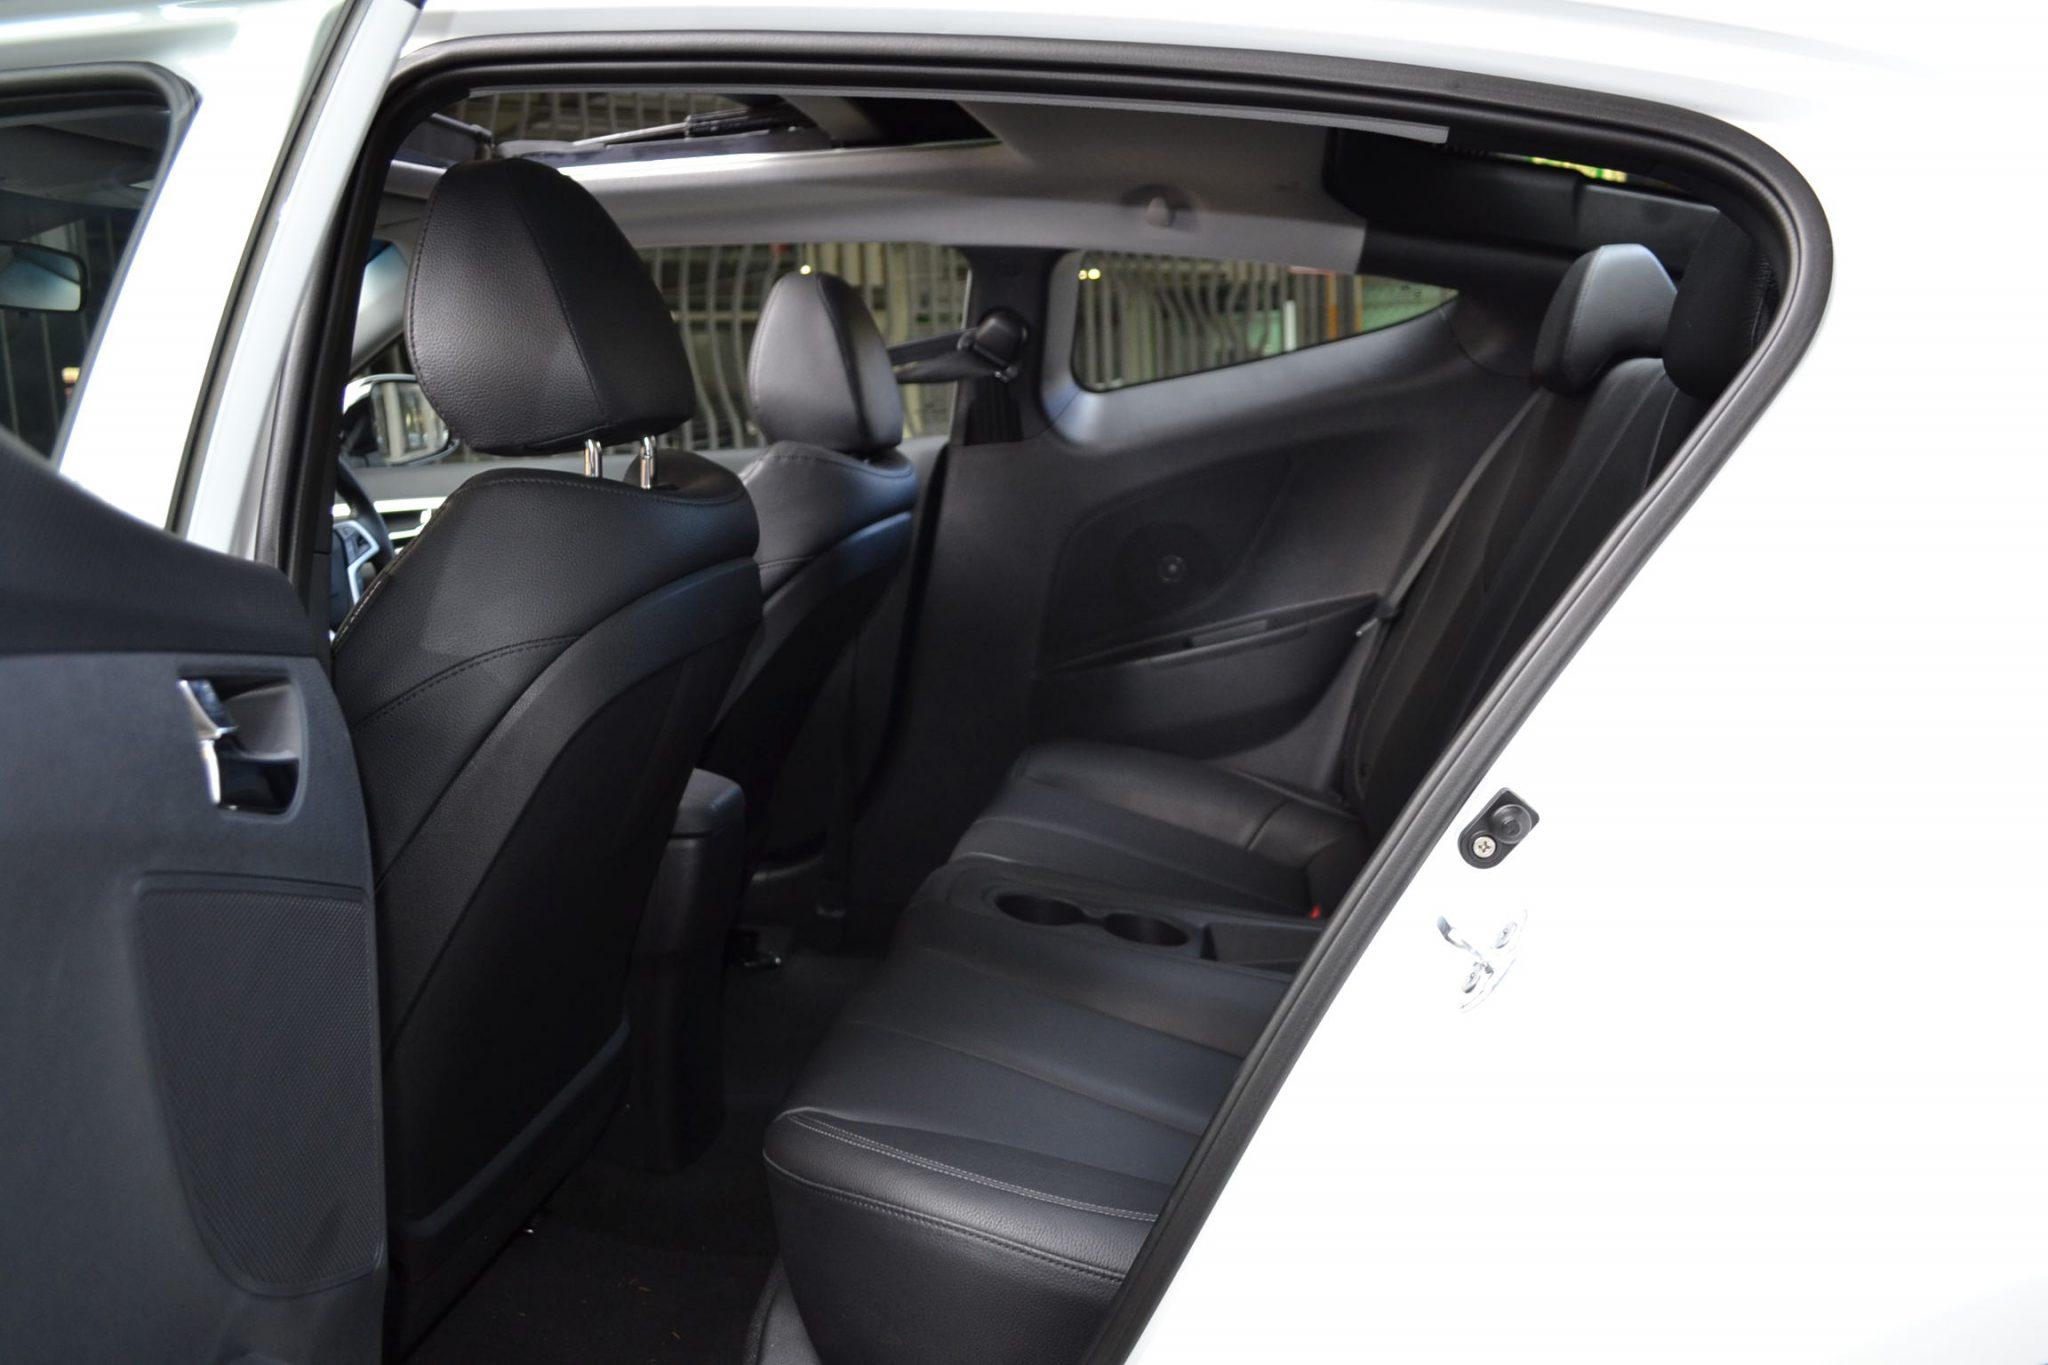 hyundai veloster review 2012 manual rear seats forcegt com rh forcegt com 2014 hyundai veloster manual 2012 hyundai veloster manual review